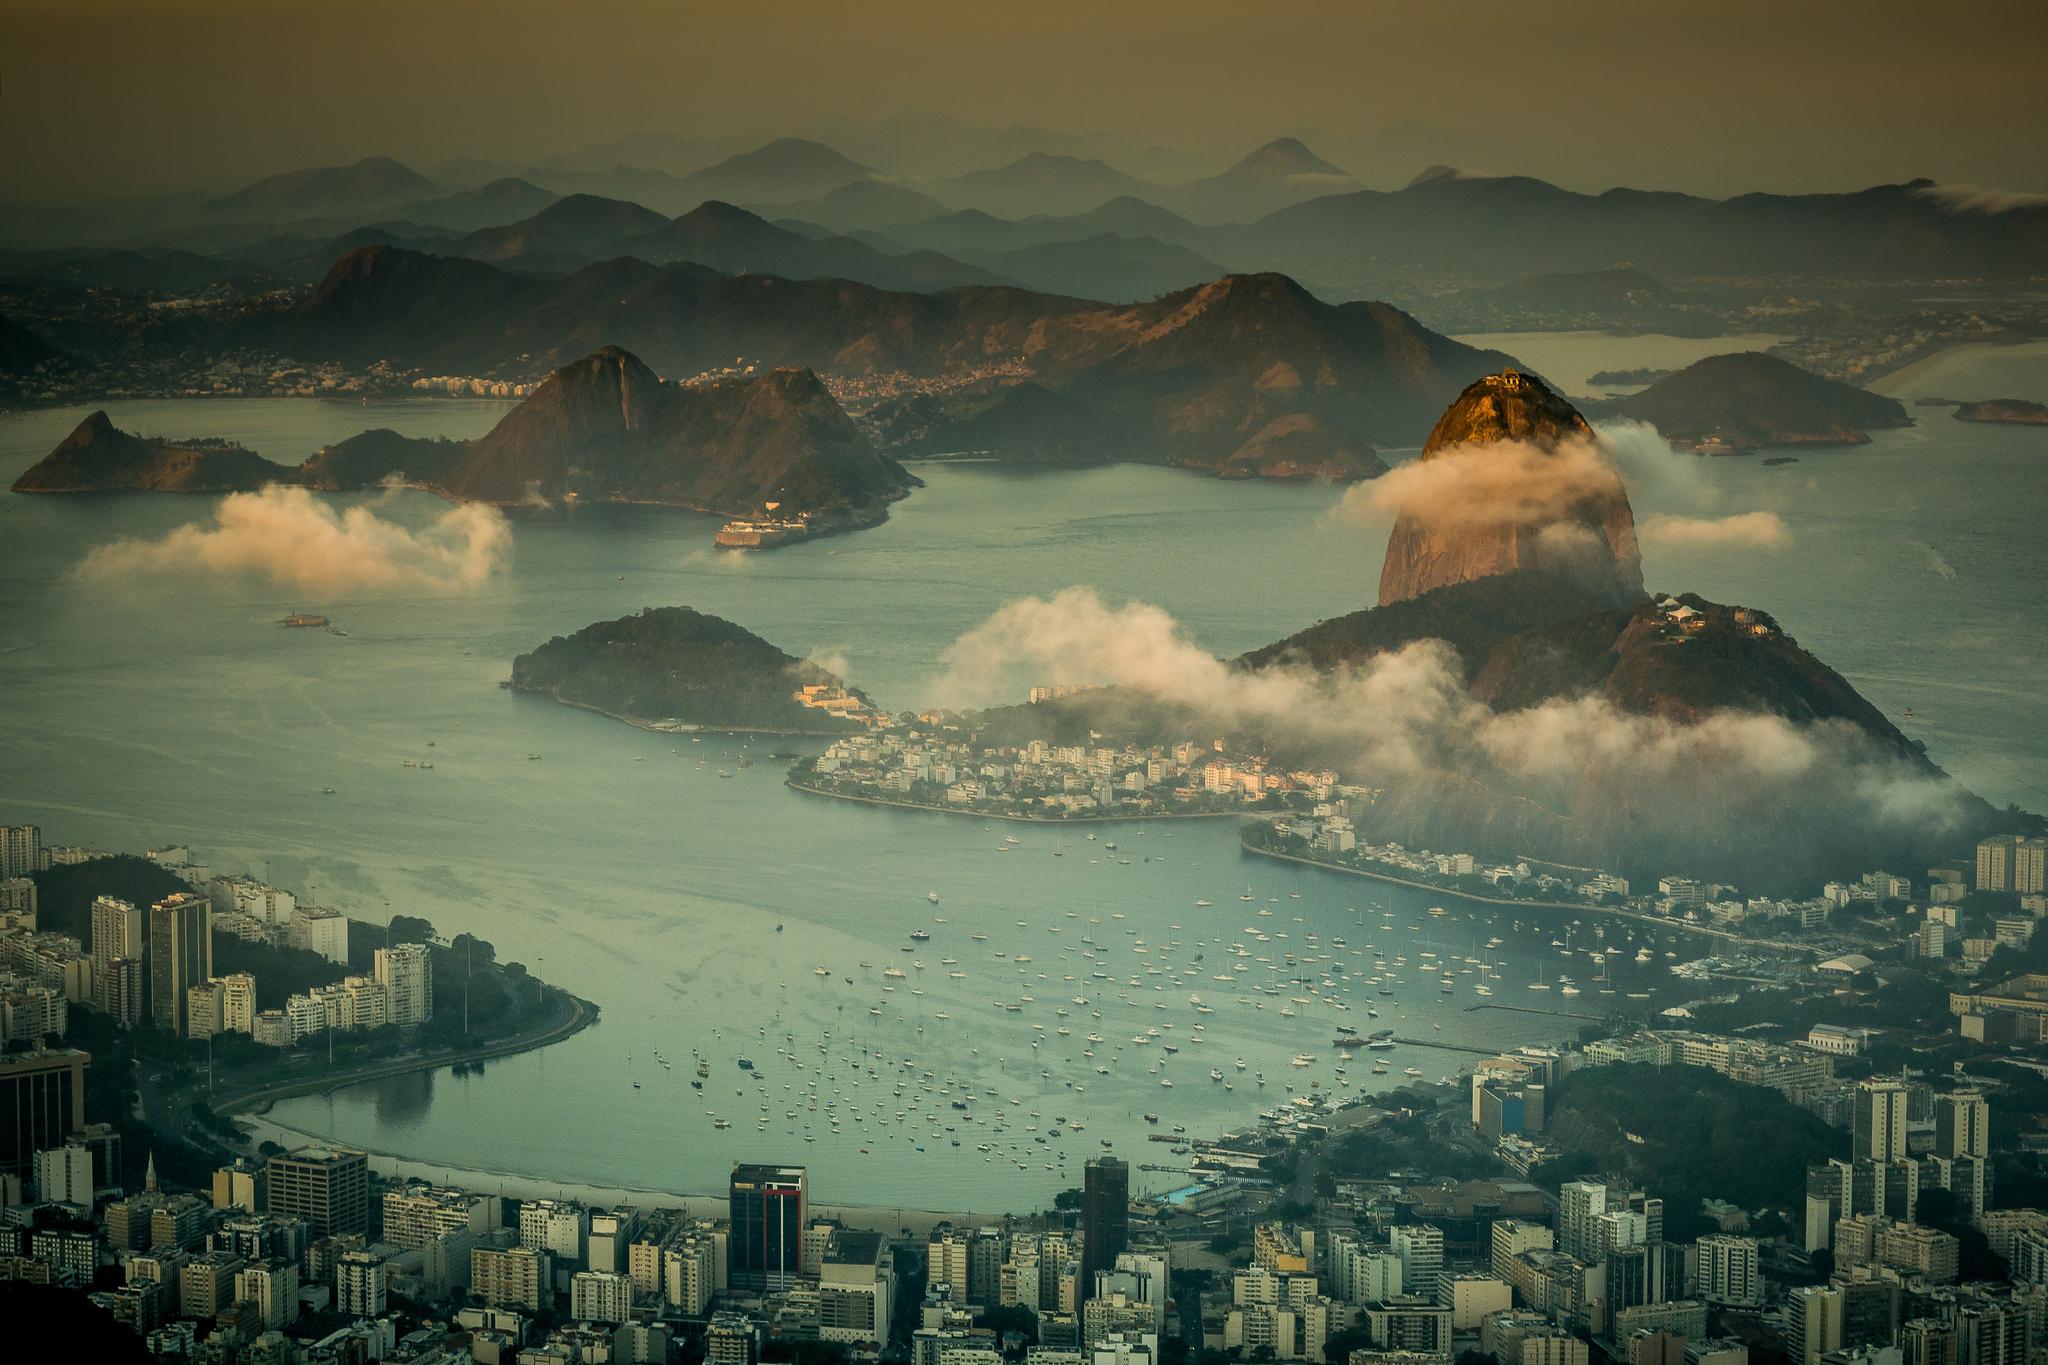 Сверкающий Рио-Де-Жанейро  № 1457426 бесплатно